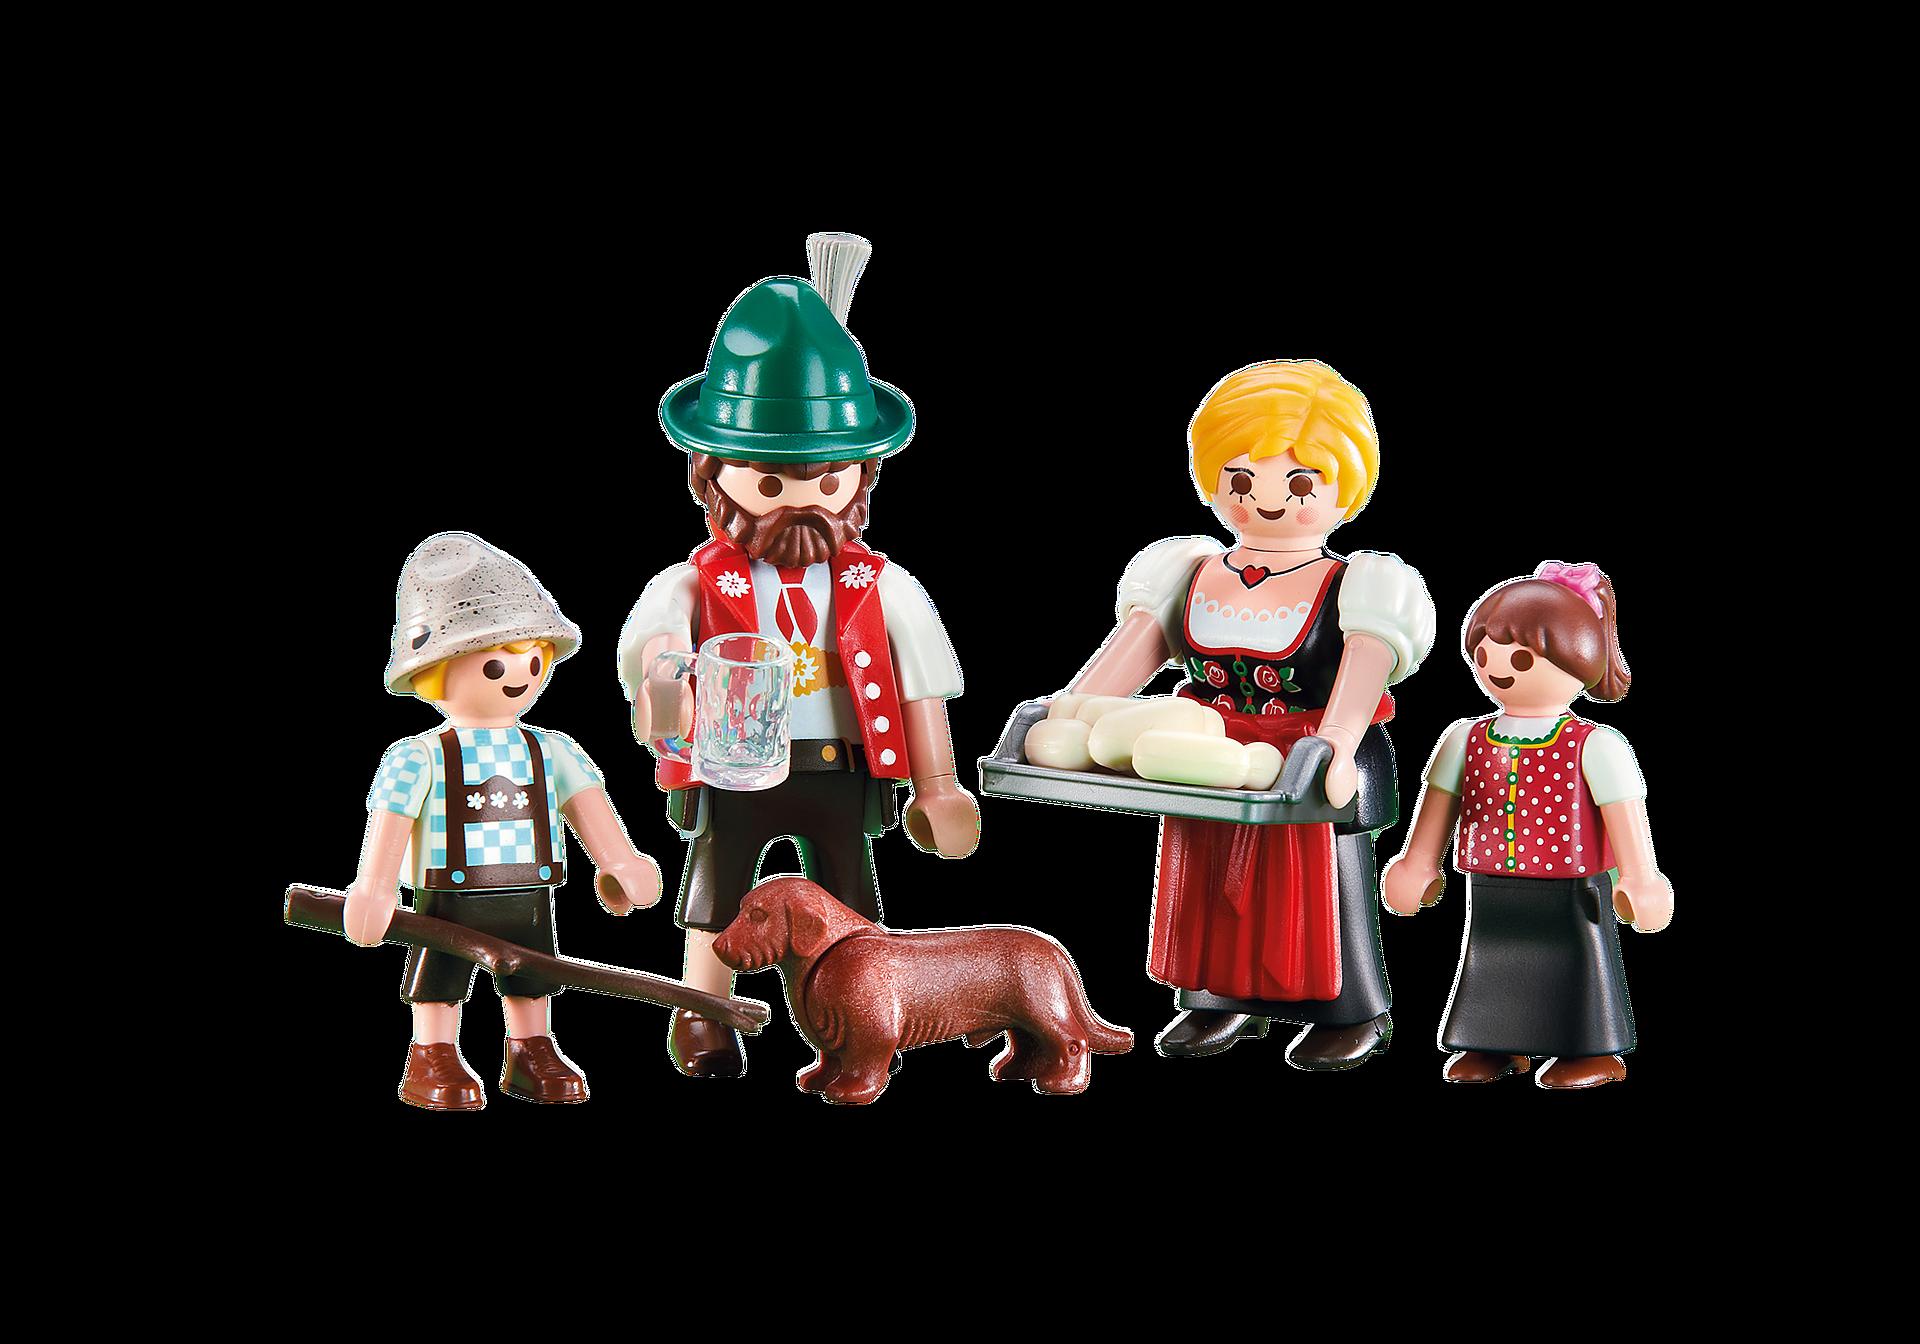 6395 Famille avec tenues traditionnelles bavaroises zoom image1